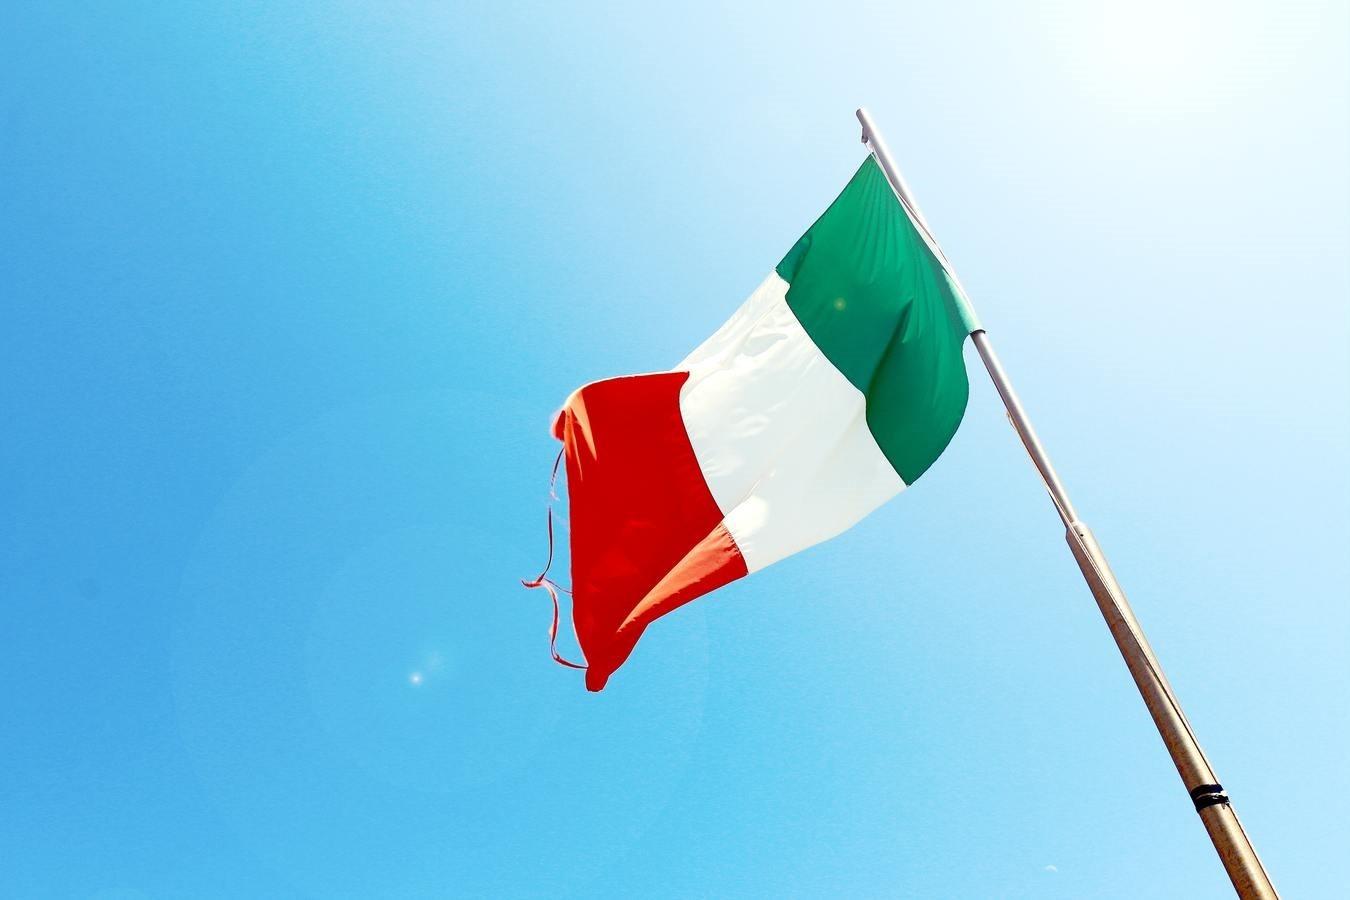 italia-italy